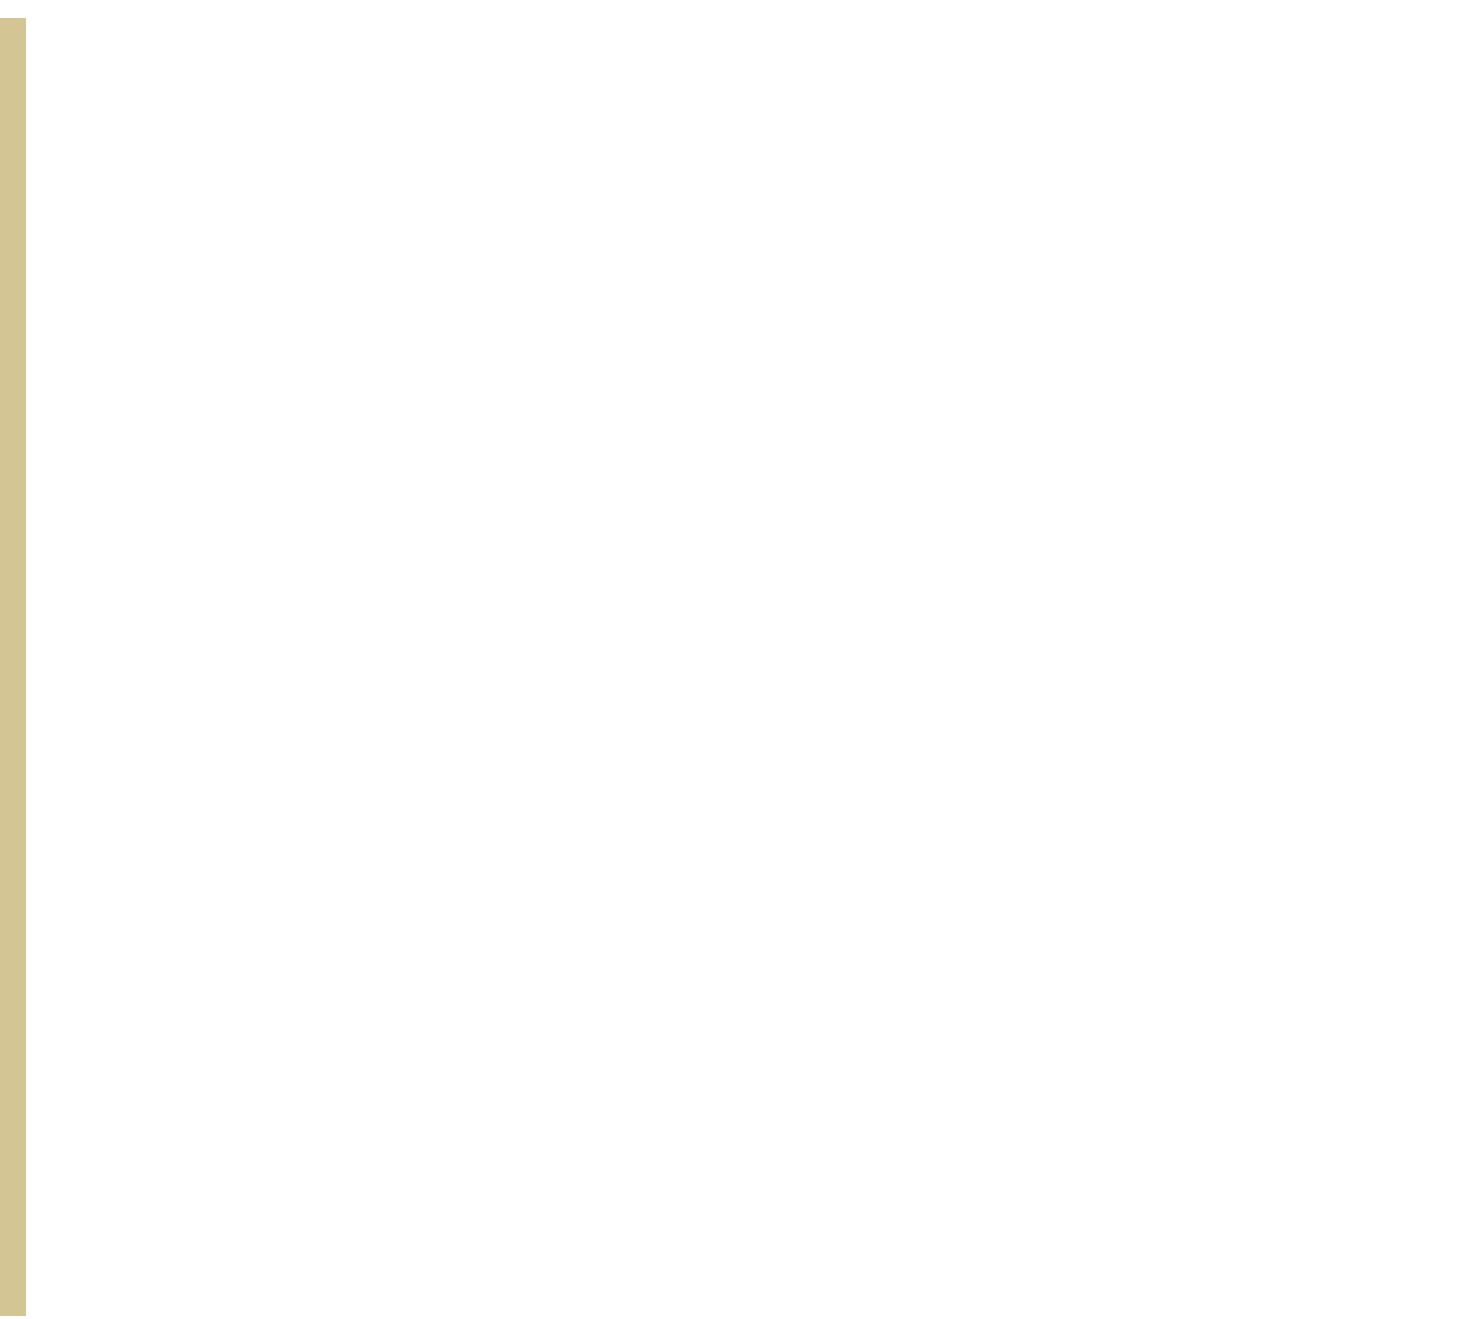 Bonkers Awards